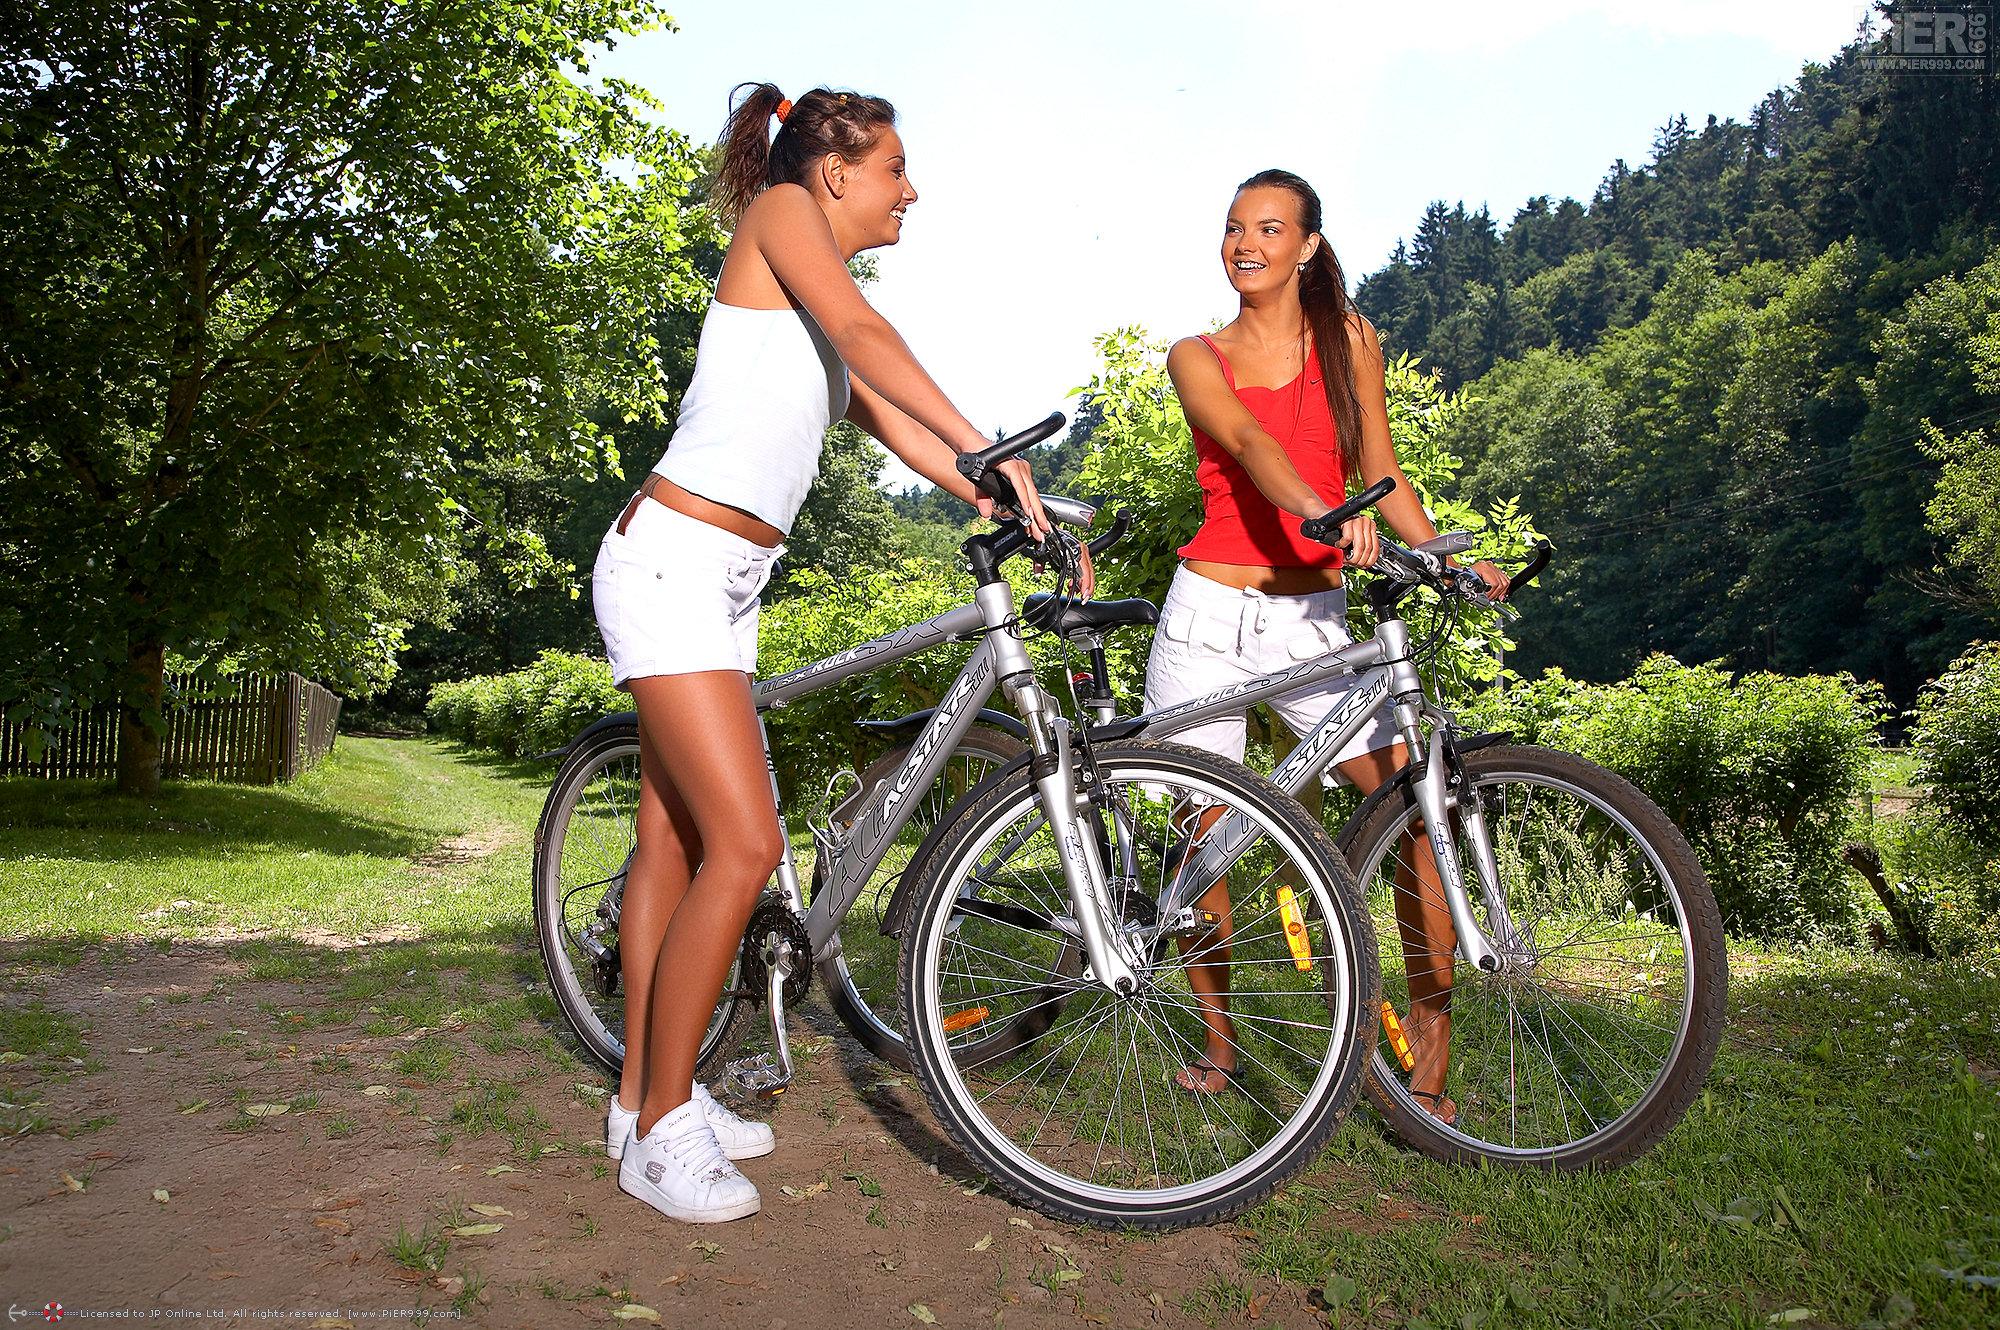 Dos chicas lindas muestran sus conchitas en el parque